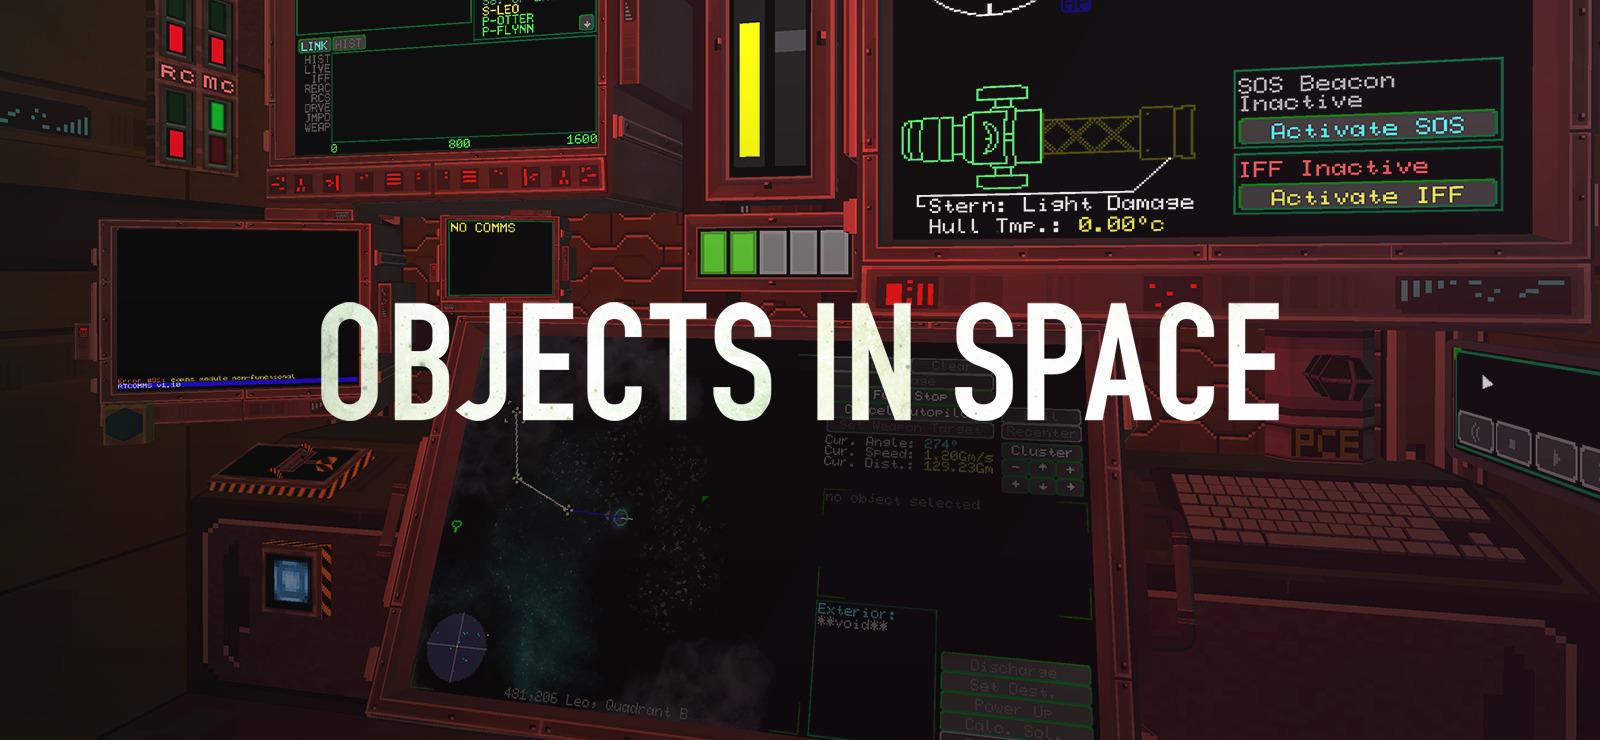 Objects in Space GOG скачать последнюю версию - Торрминаторр